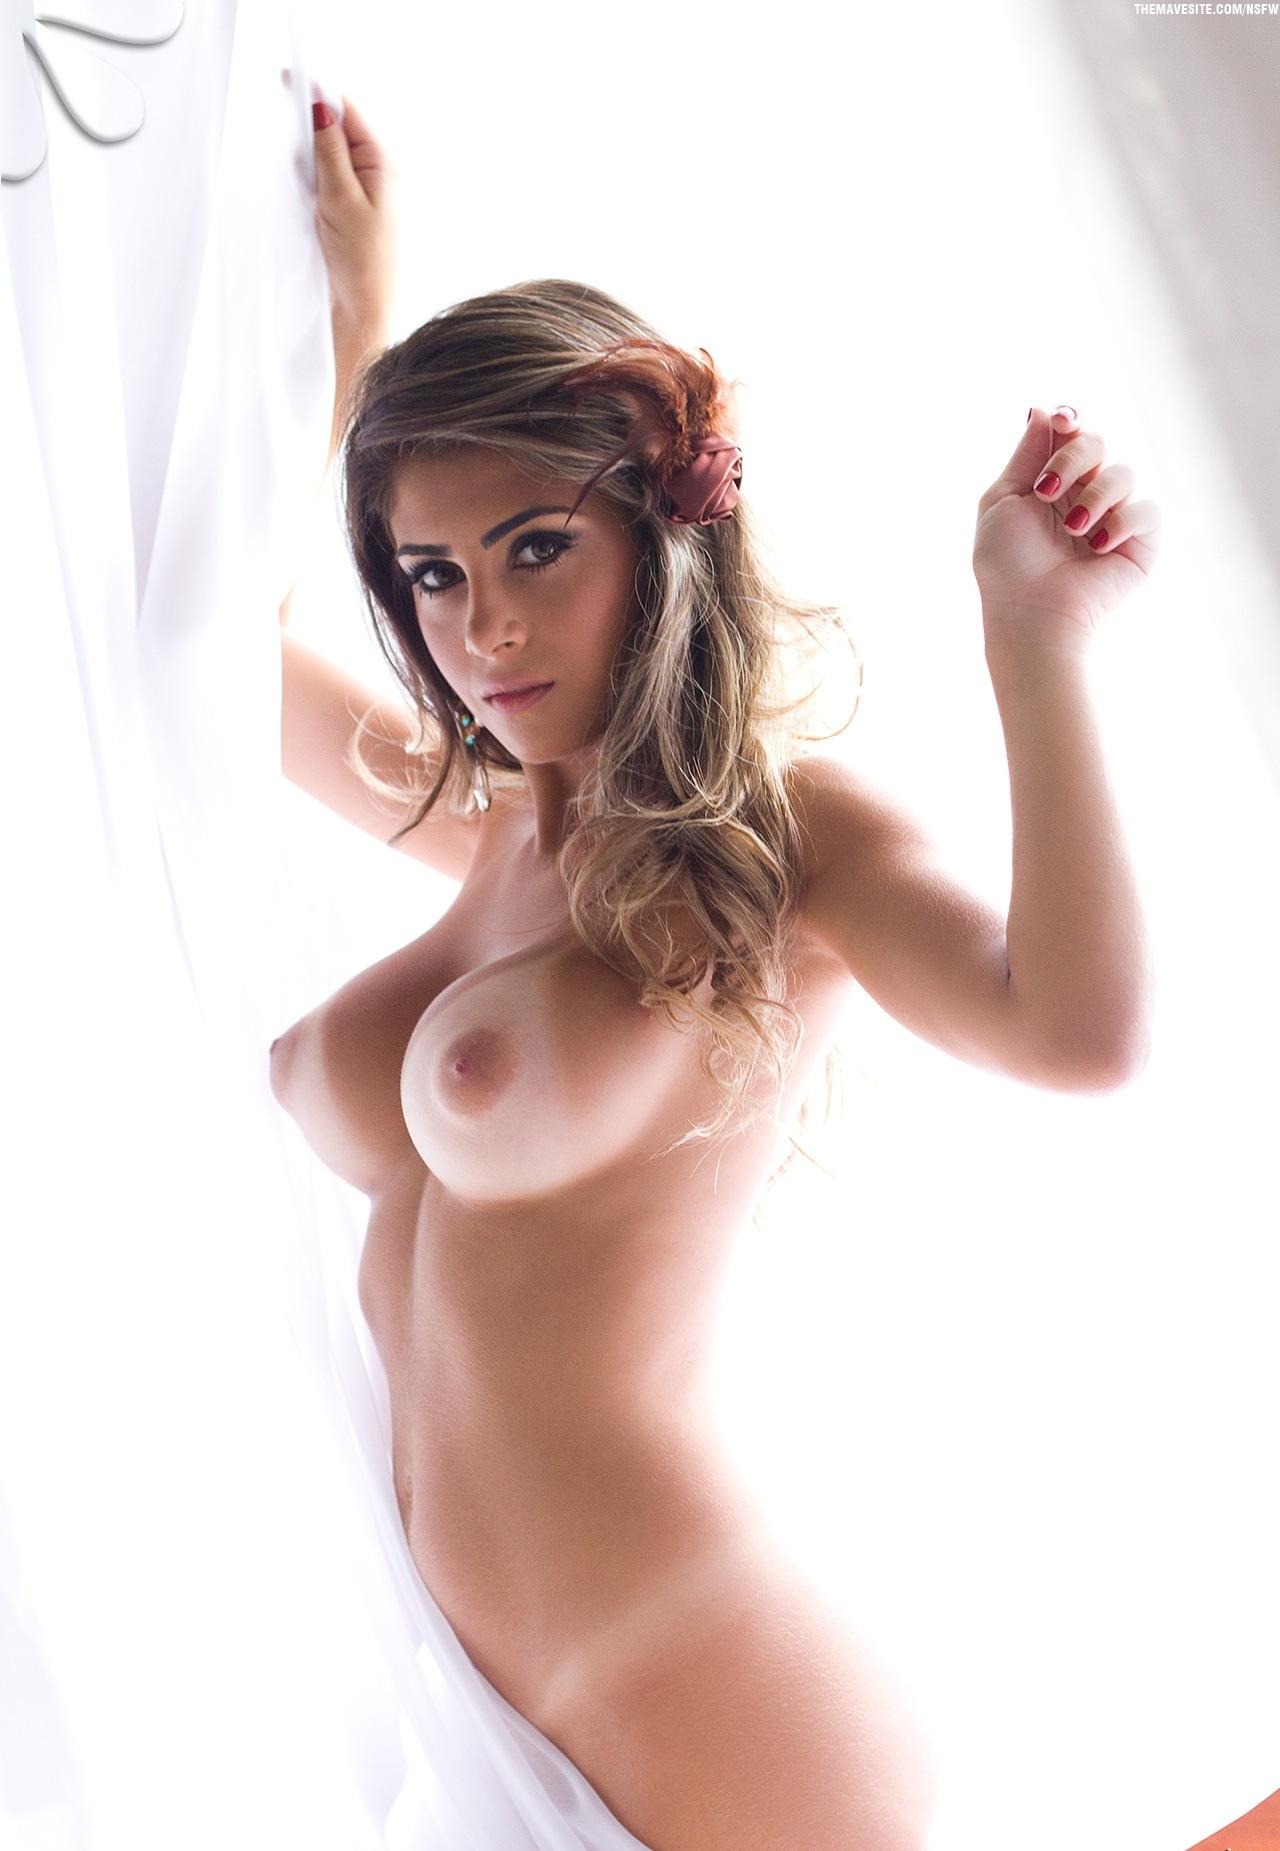 Стоячие груди моделей 9 фотография